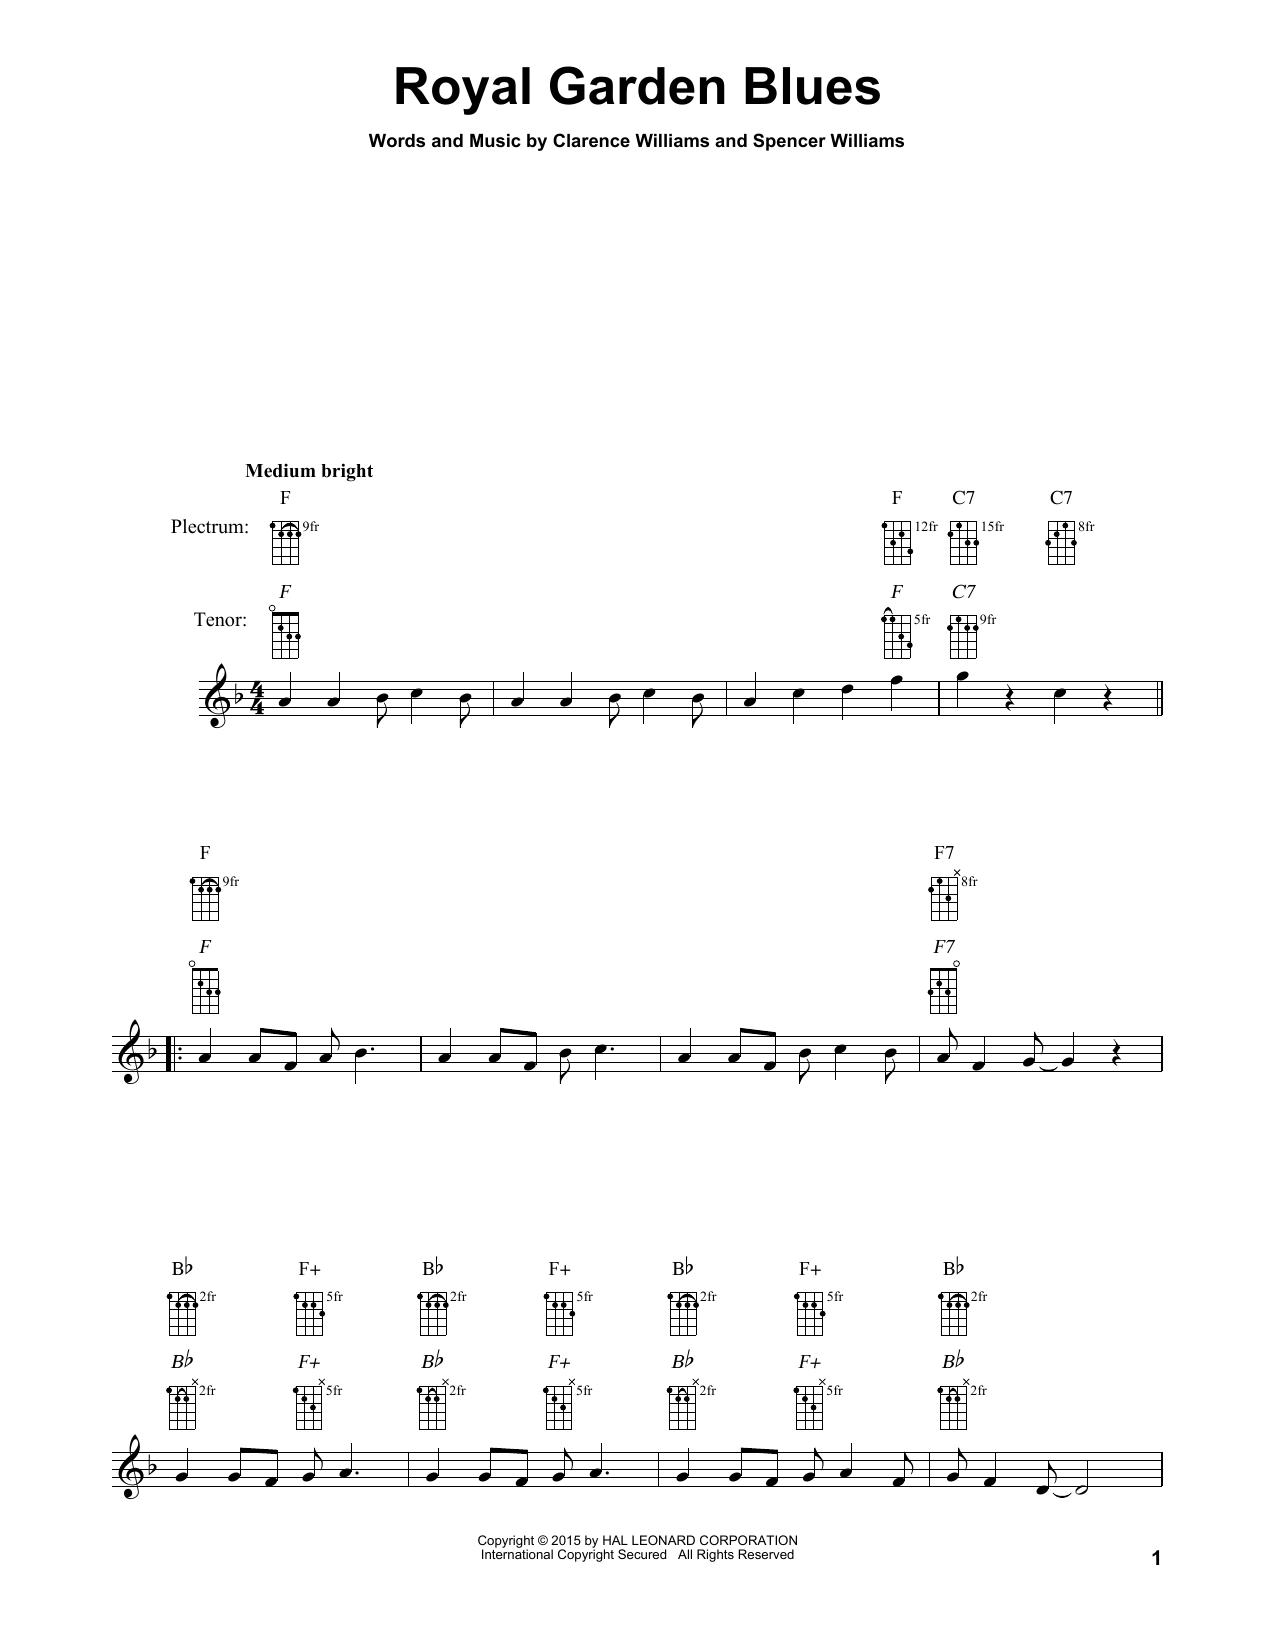 Royal Garden Blues (Banjo Tab)